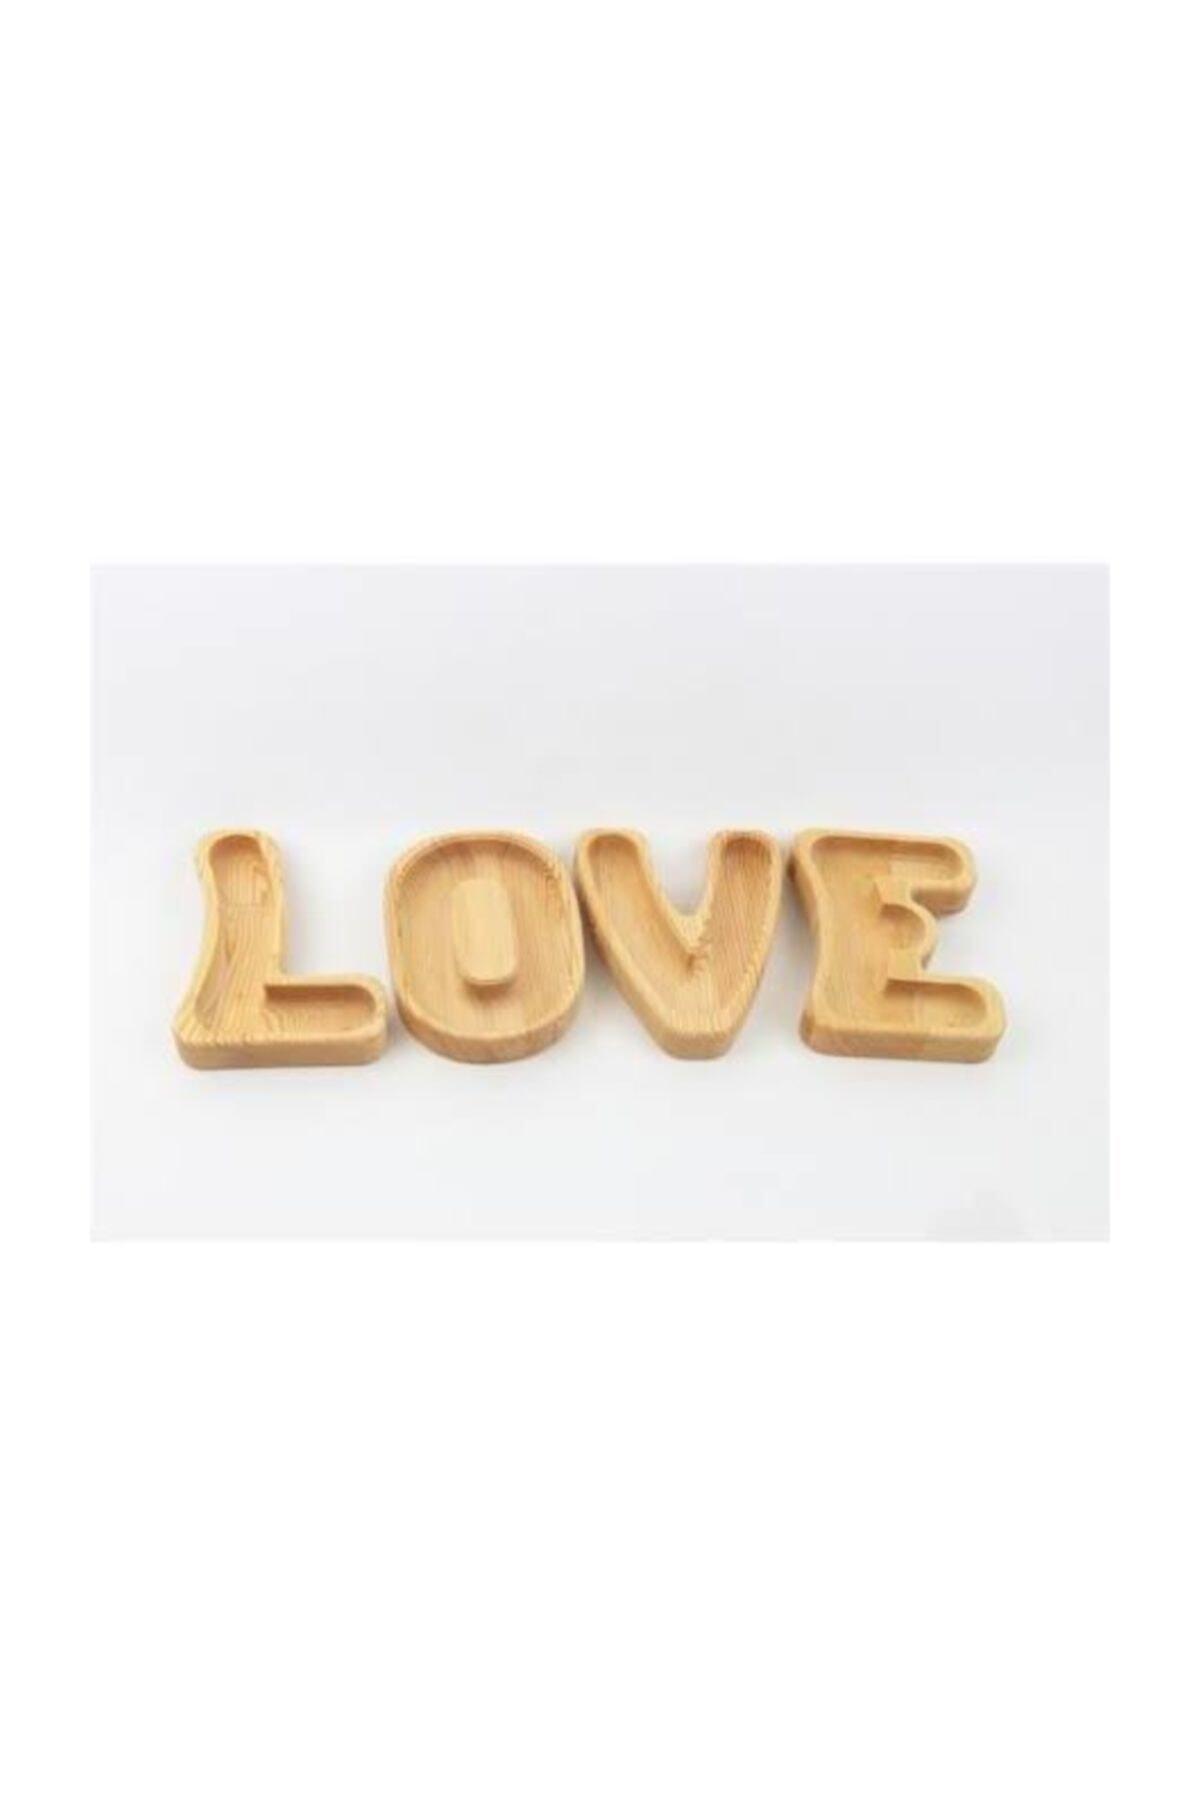 На завтрак-кондитерские изделия-Бамбук-в комплекте буквы любви.